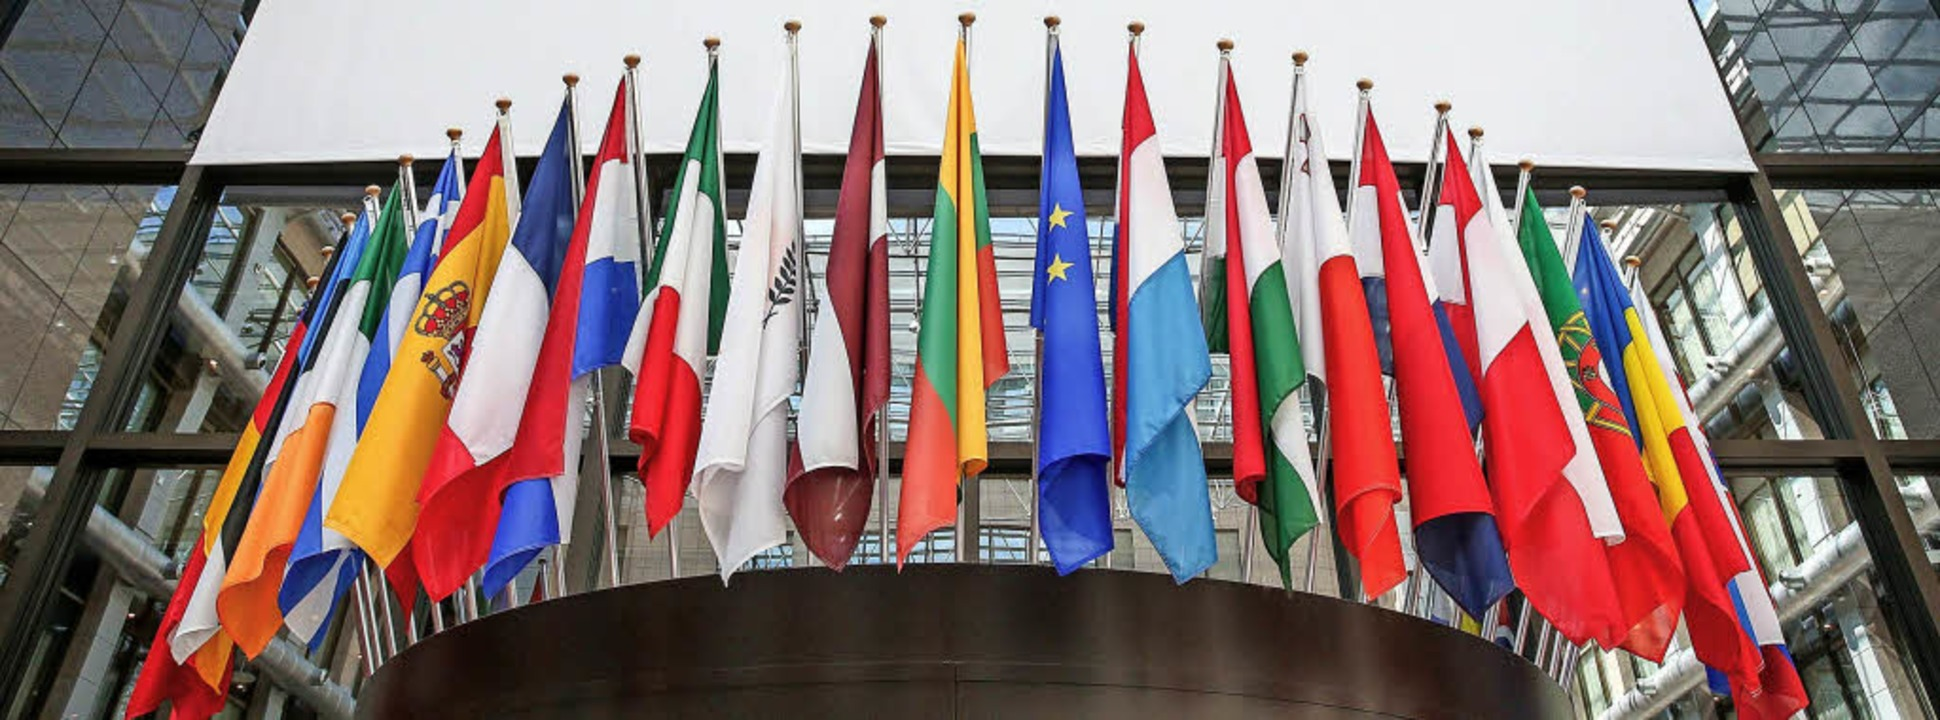 Noch hat die Europäische Union 28 Mitg...n halbes Jahr die Ratspräsidentschaft.  | Foto: dpa